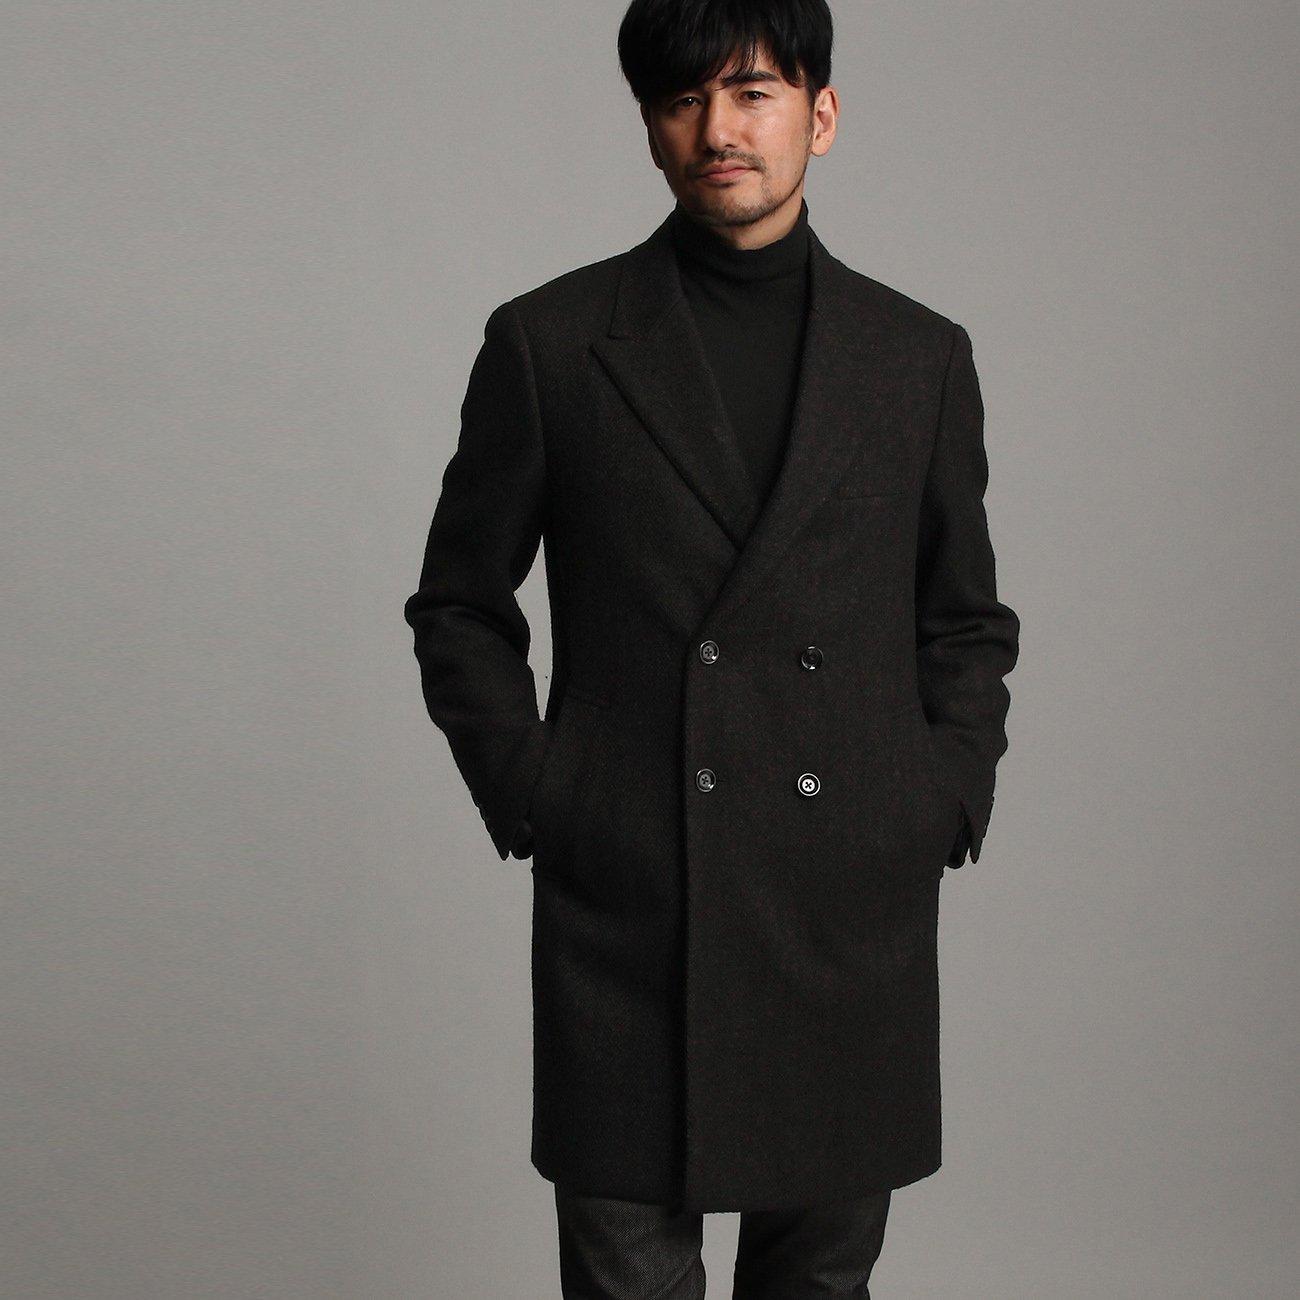 (タケオキクチ) TAKEO KIKUCHI 矢絣柄コート【Product Notes Japan】 07093063 B075WNM5NX 04(LL)|ブラウン(043) ブラウン(043) 04(LL)